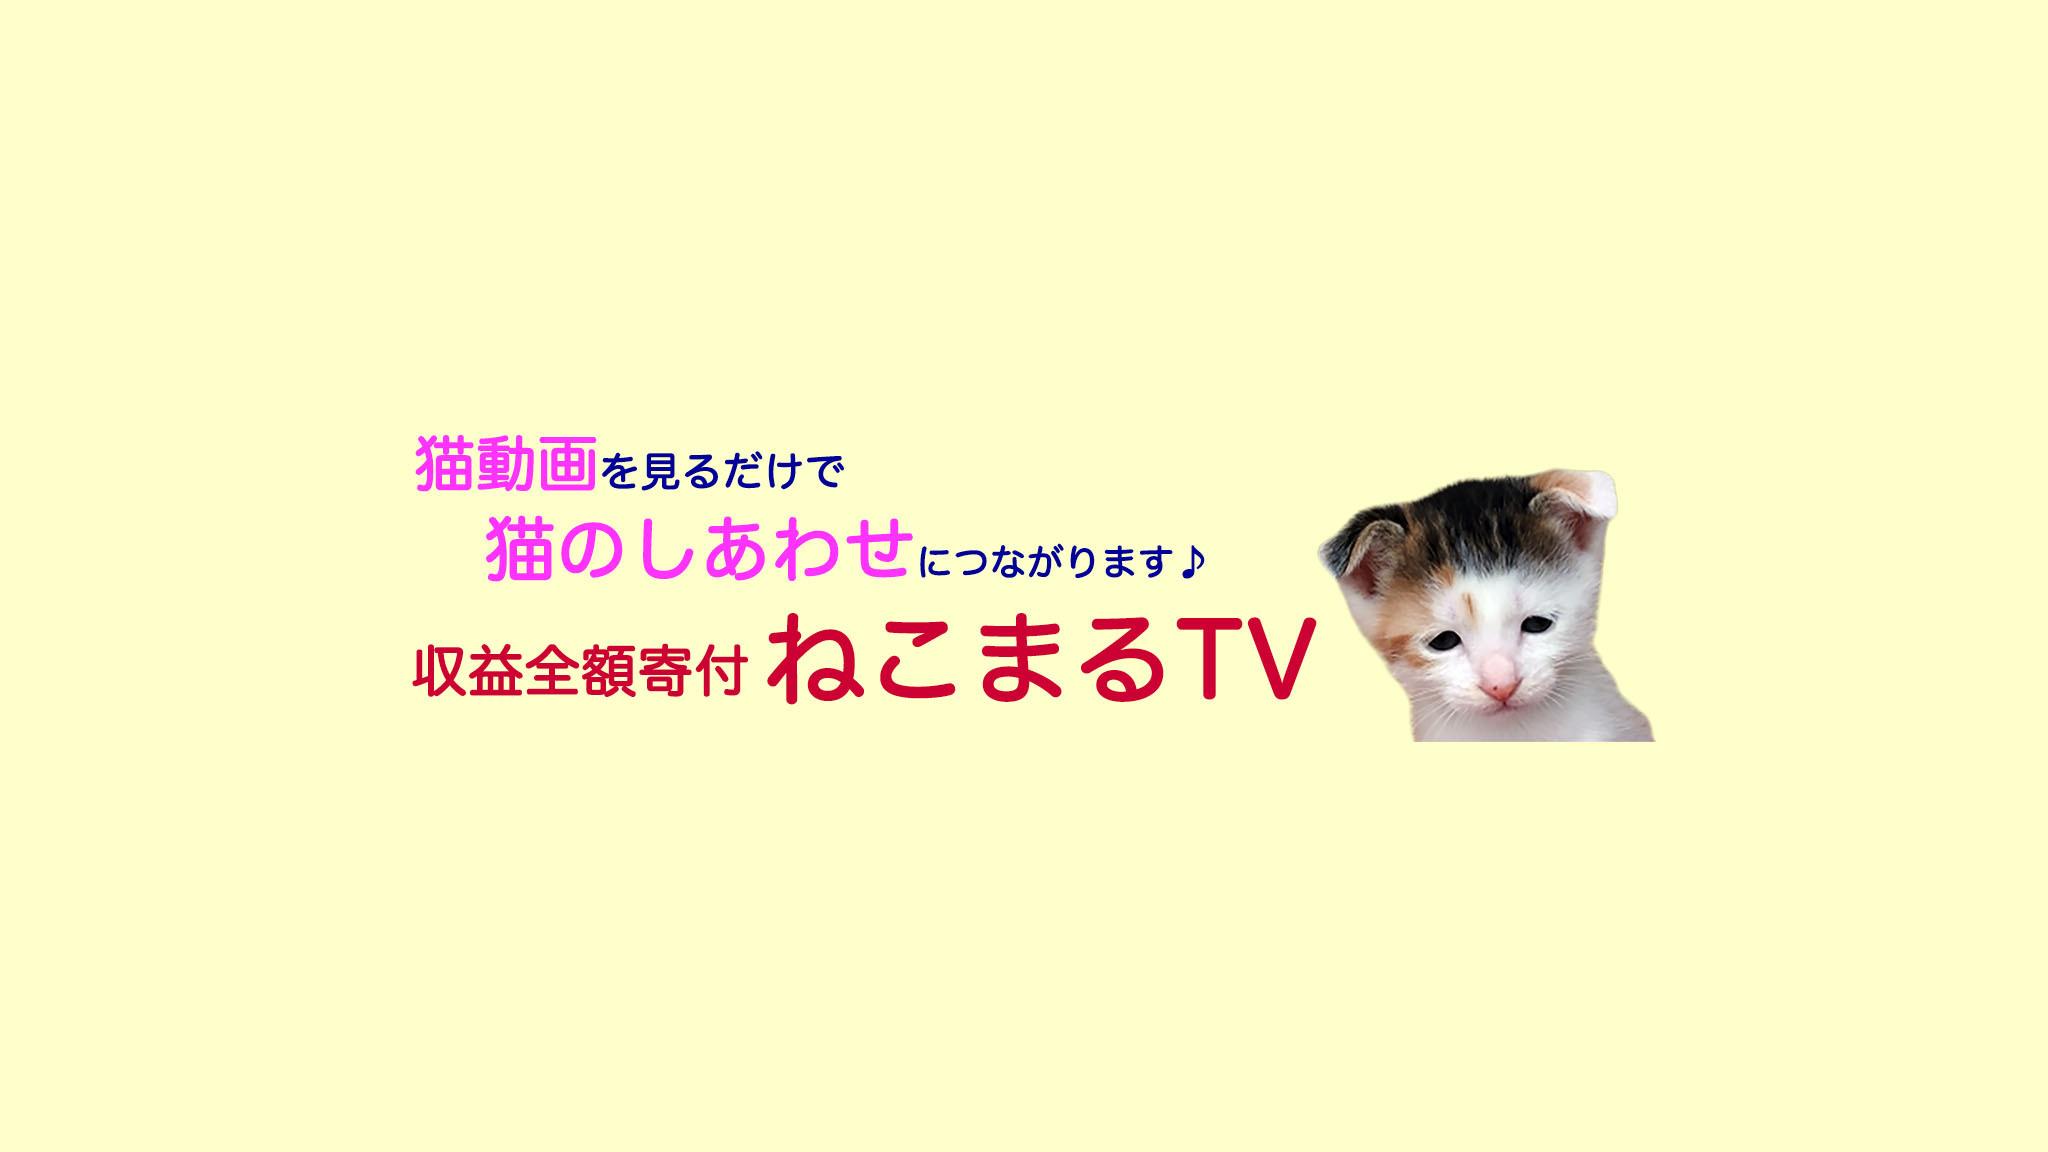 工事現場で頭を潰されてしまった猫、ぴいこちゃんを今後も支えていきます!_a0246661_20254835.jpg